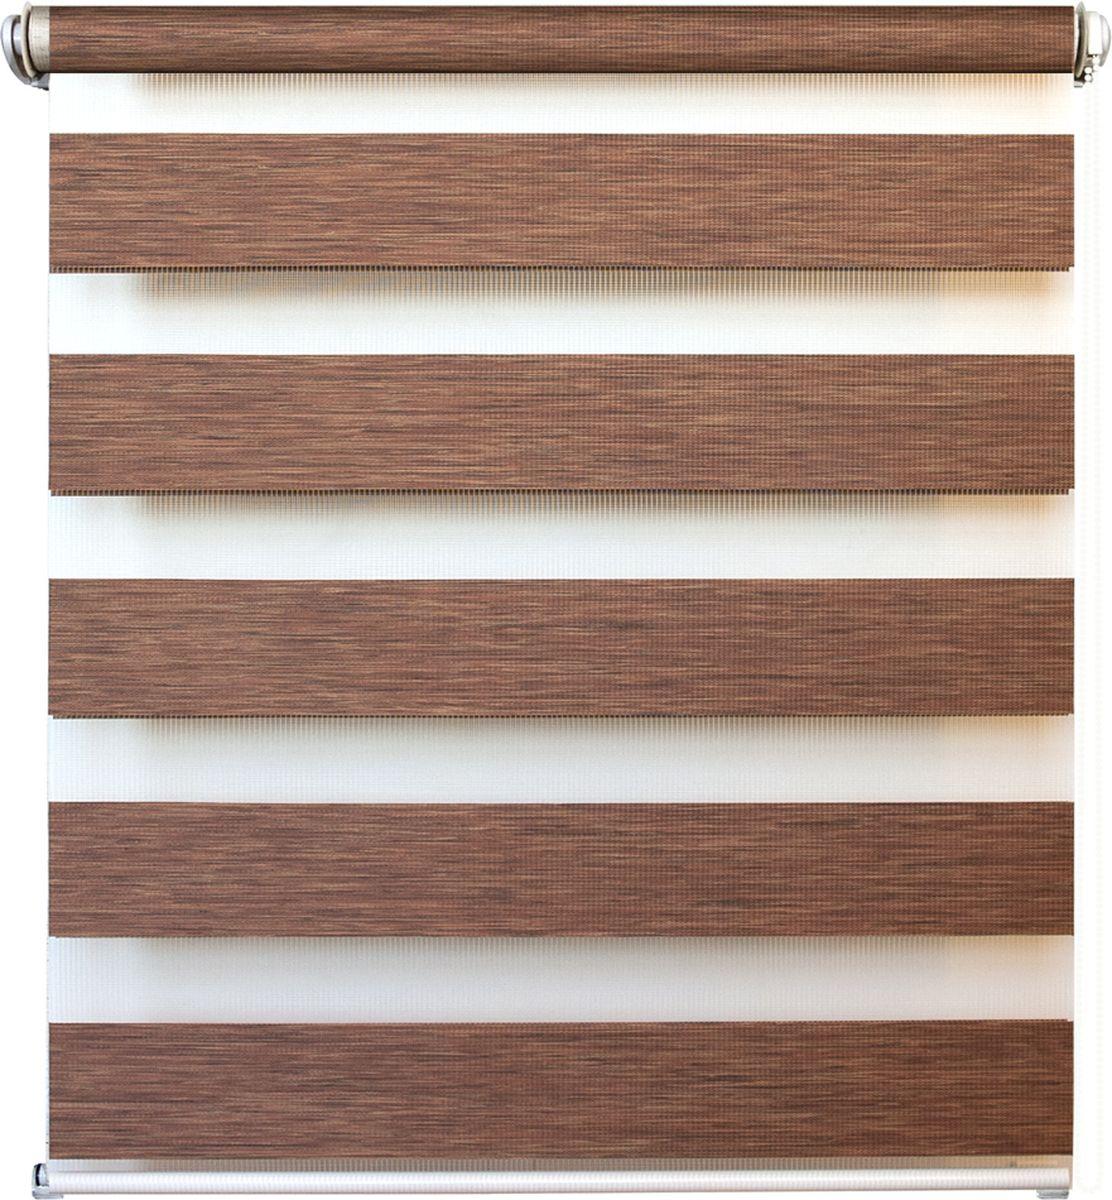 Штора рулонная день/ночь Уют Канзас, цвет: коричневый, 100 х 160 см62.РШТО.8922.100х160Штора рулонная день/ночь Уют Канзас выполнена из прочного полиэстера, в котором чередуются полосы различной плотности и фактуры. Управление двойным слоем ткани с помощью цепочки позволяет регулировать степень светопроницаемости шторы. Если совпали плотные полосы, то прозрачные будут открыты максимально. Это положение шторы называется День. Максимальное затемнение помещения достигается при полном совпадении полос разных фактур. Это положение шторы называется Ночь. Конструкция шторы также позволяет полностью свернуть полотно, обеспечив максимальное открытие окна. Рулонная штора - это разновидность штор, которая закрывает не весь оконный проем, а непосредственно само стекло. Такая штора очень компактна, что помогает сэкономить пространство. Универсальная конструкция позволяет монтировать штору на стену, потолок, деревянные или пластиковые рамы окон. В комплект входят кронштейны и нижний утяжелитель. Возможна установка с управлением цепочкой как справа, так и...